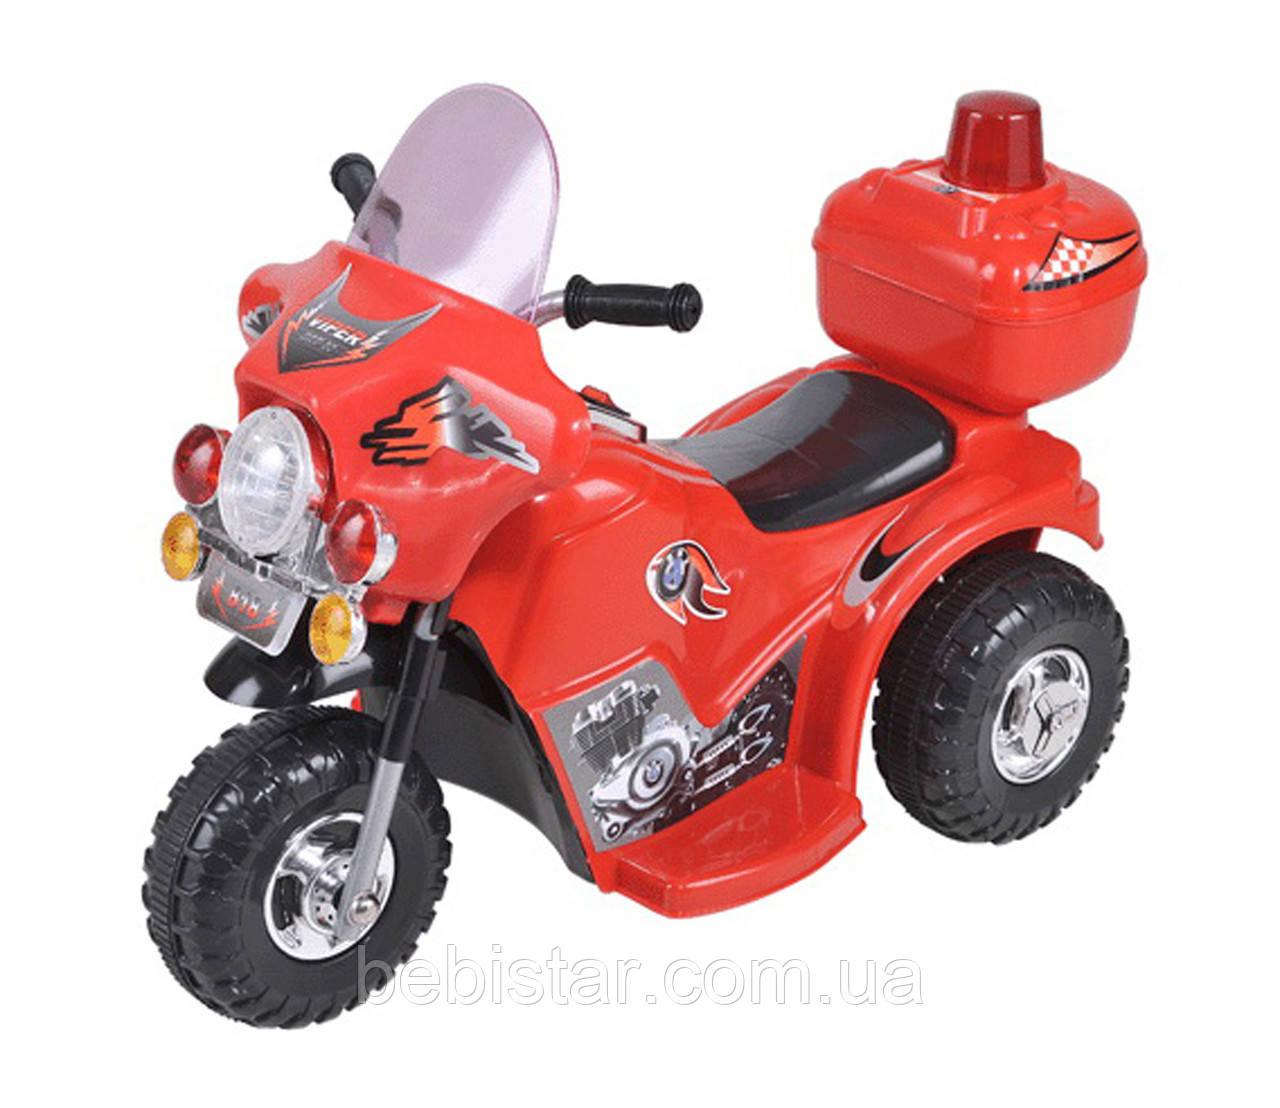 Детский электромобиль-мотоцикл Т-723 красный деткам 3-5 лет